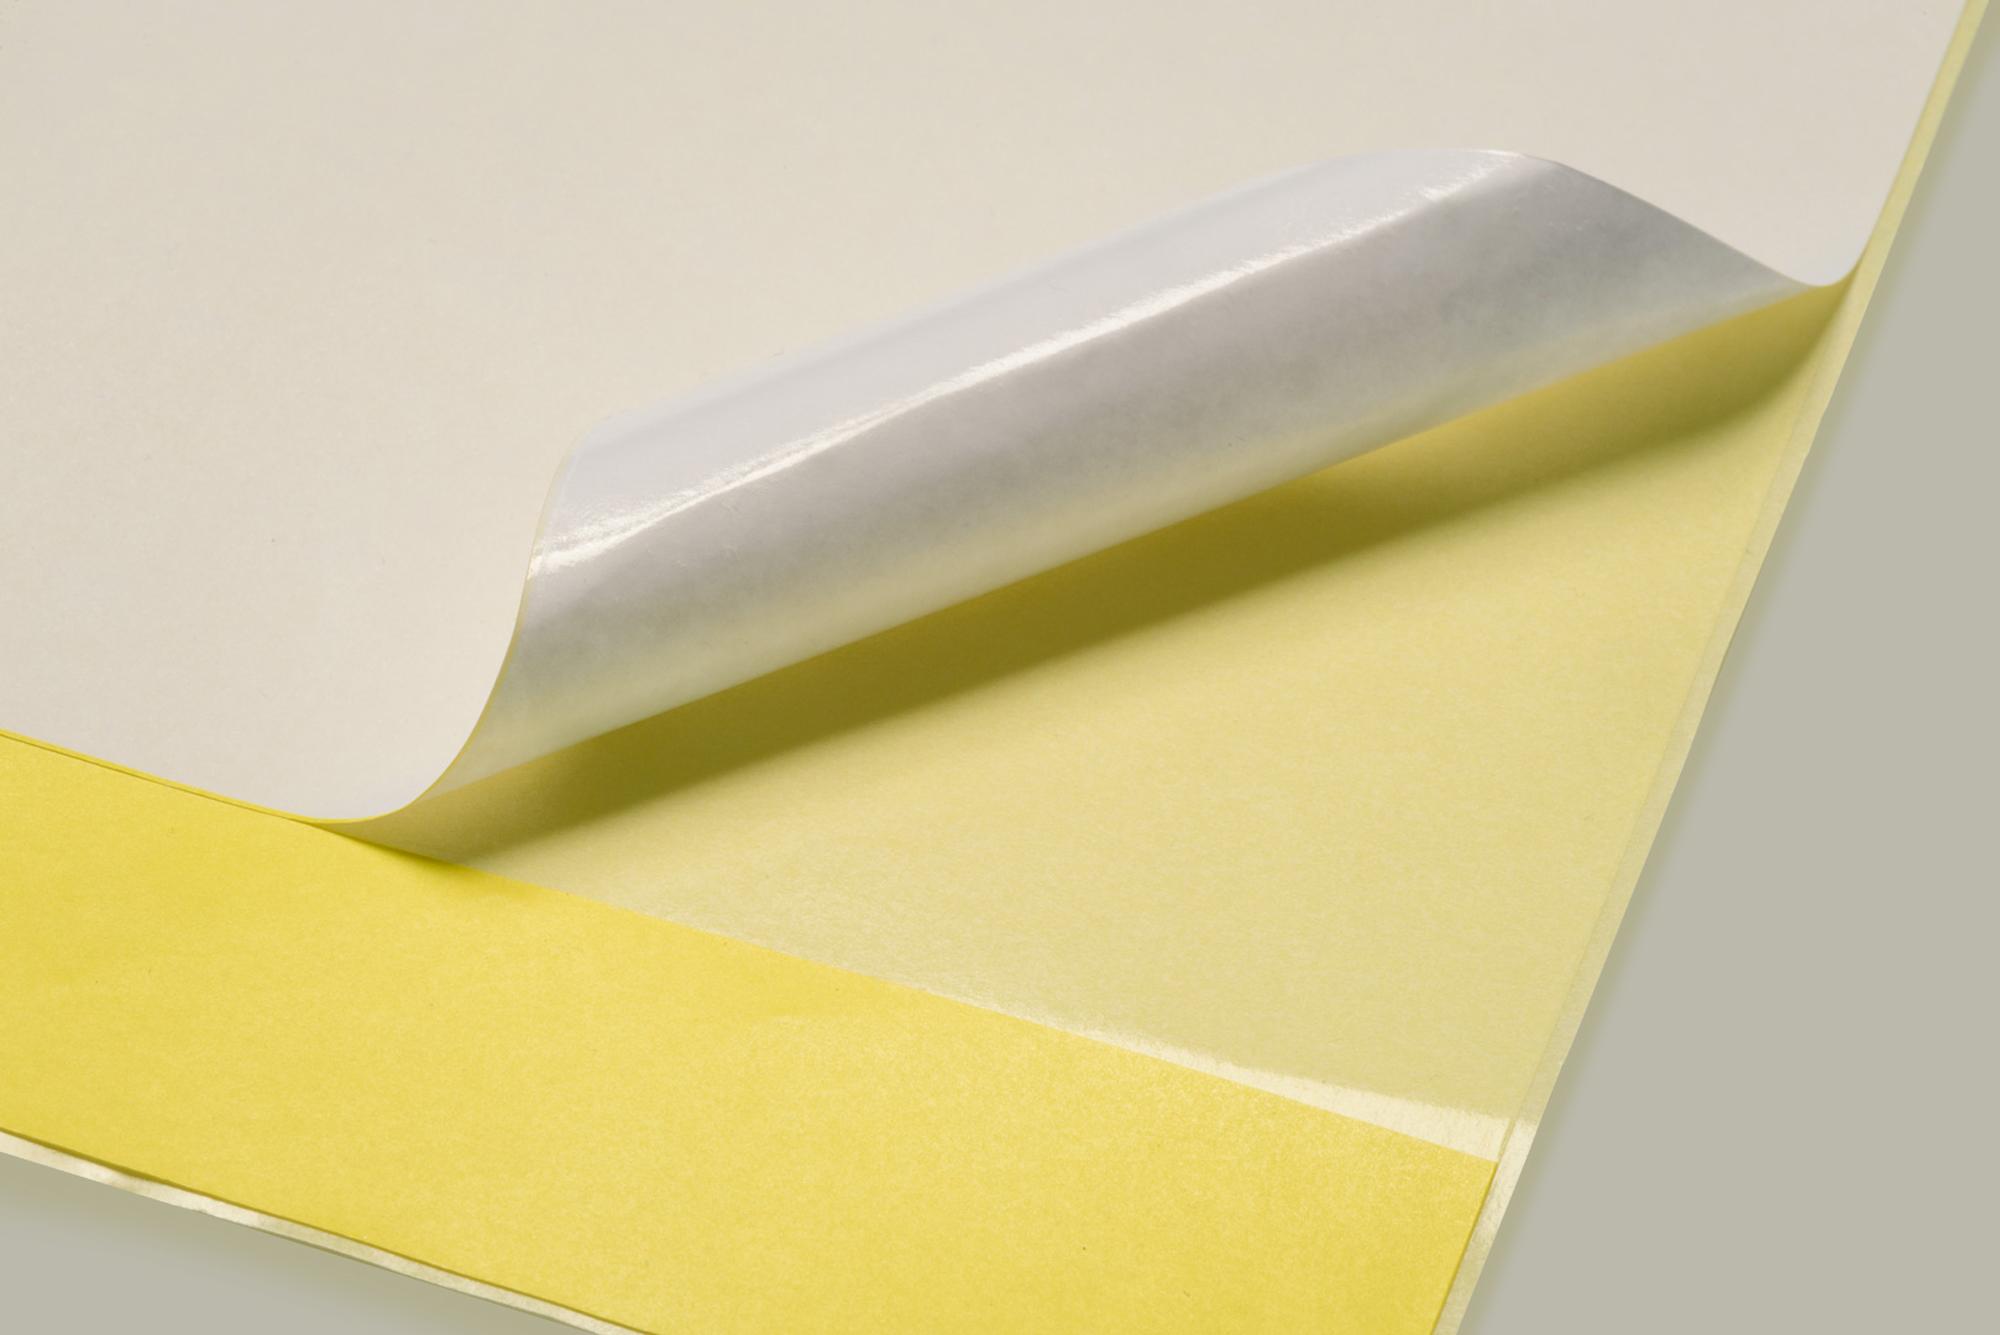 لیبل های کاغذی